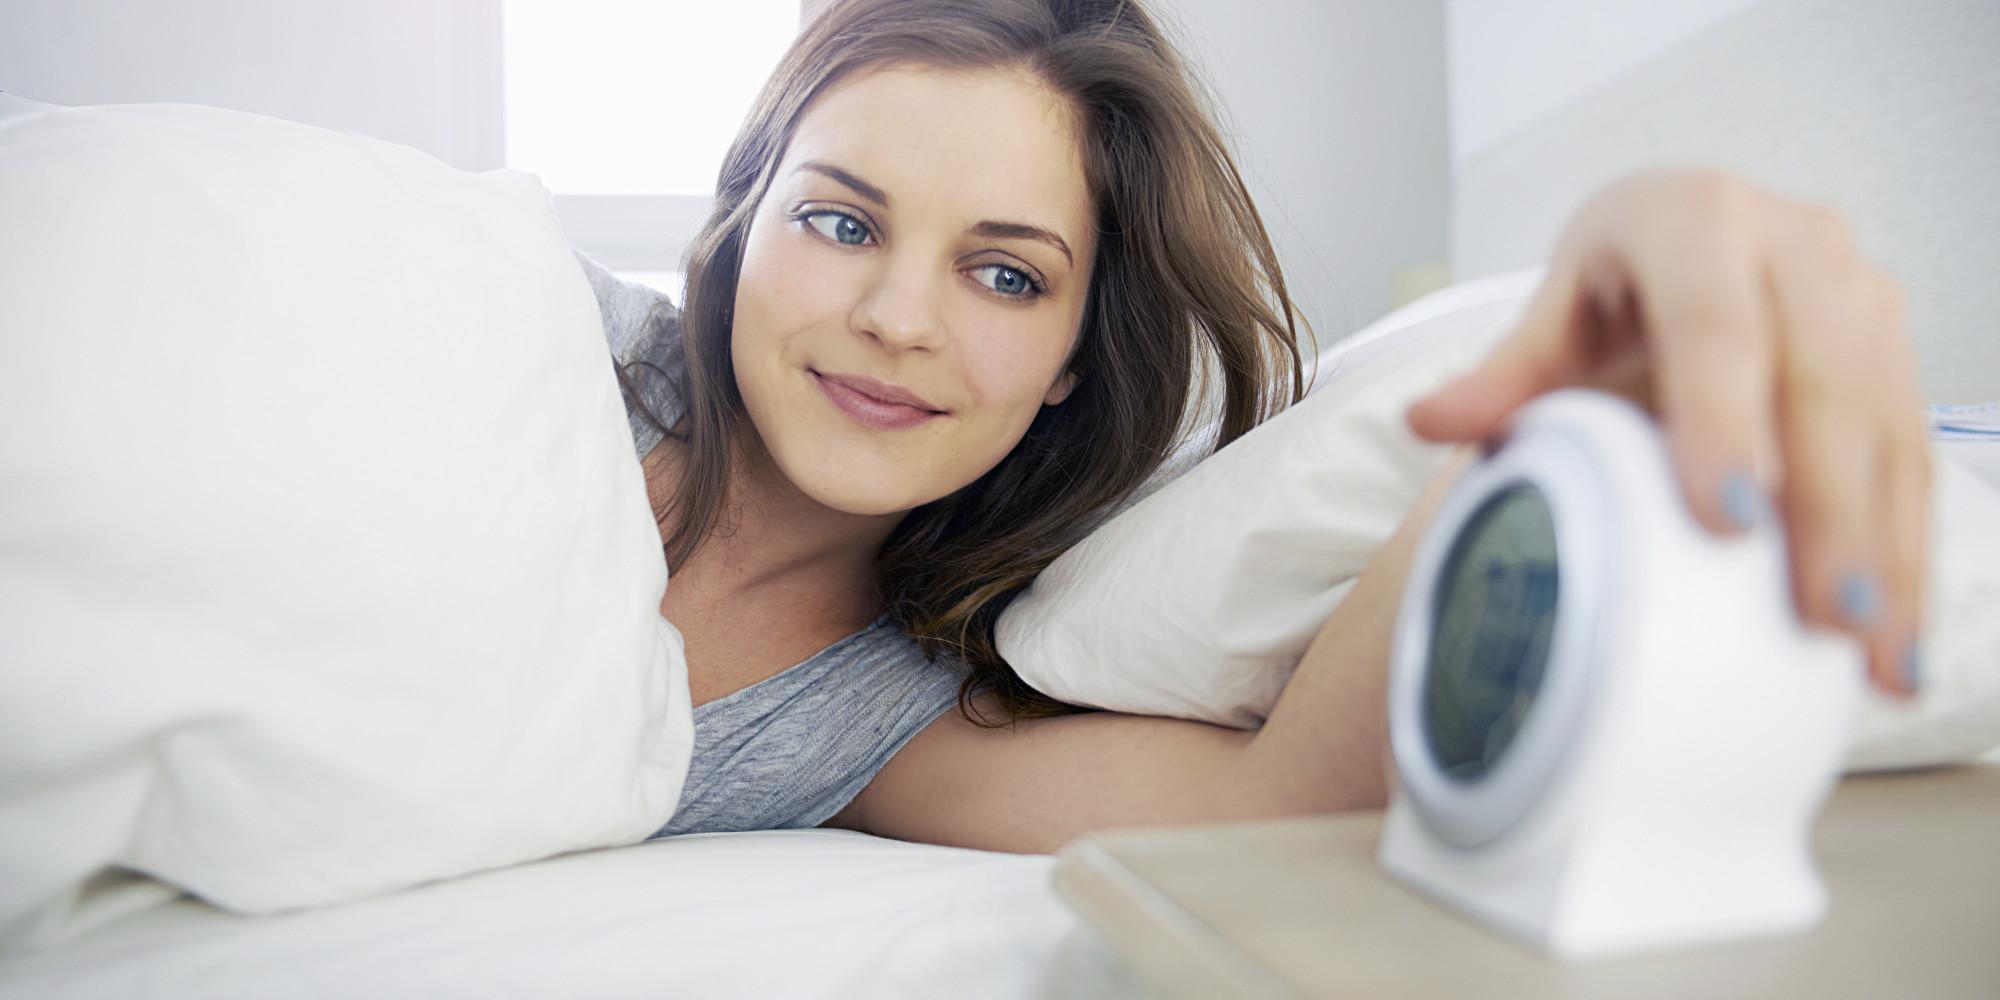 5 صبح بیدار شدن باعث موفقیت می شود؟